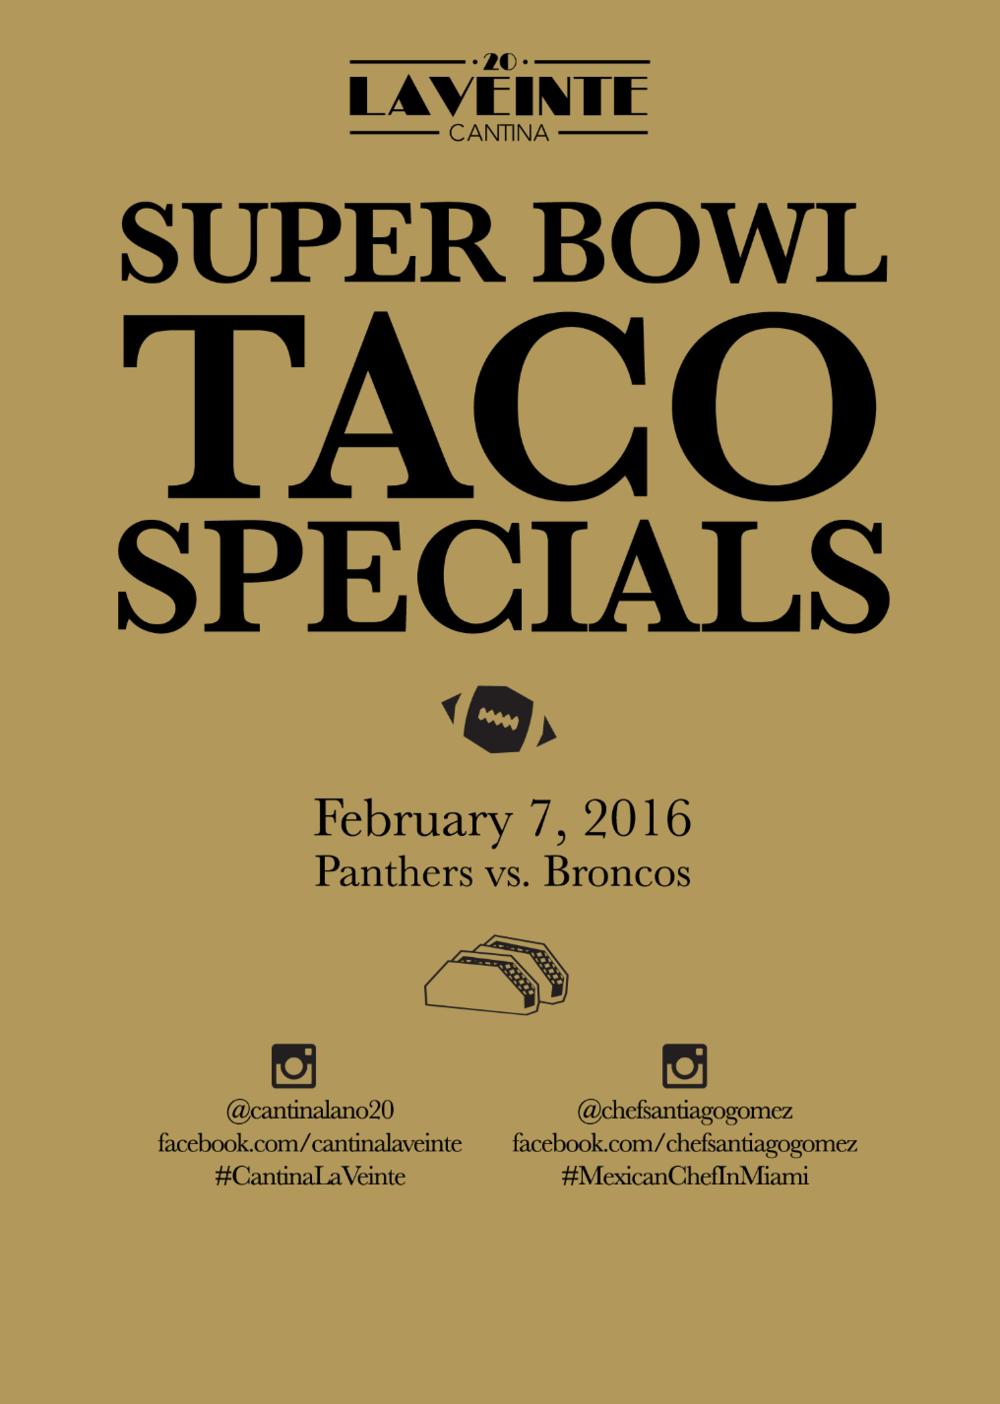 Super Bowl Taco Specials